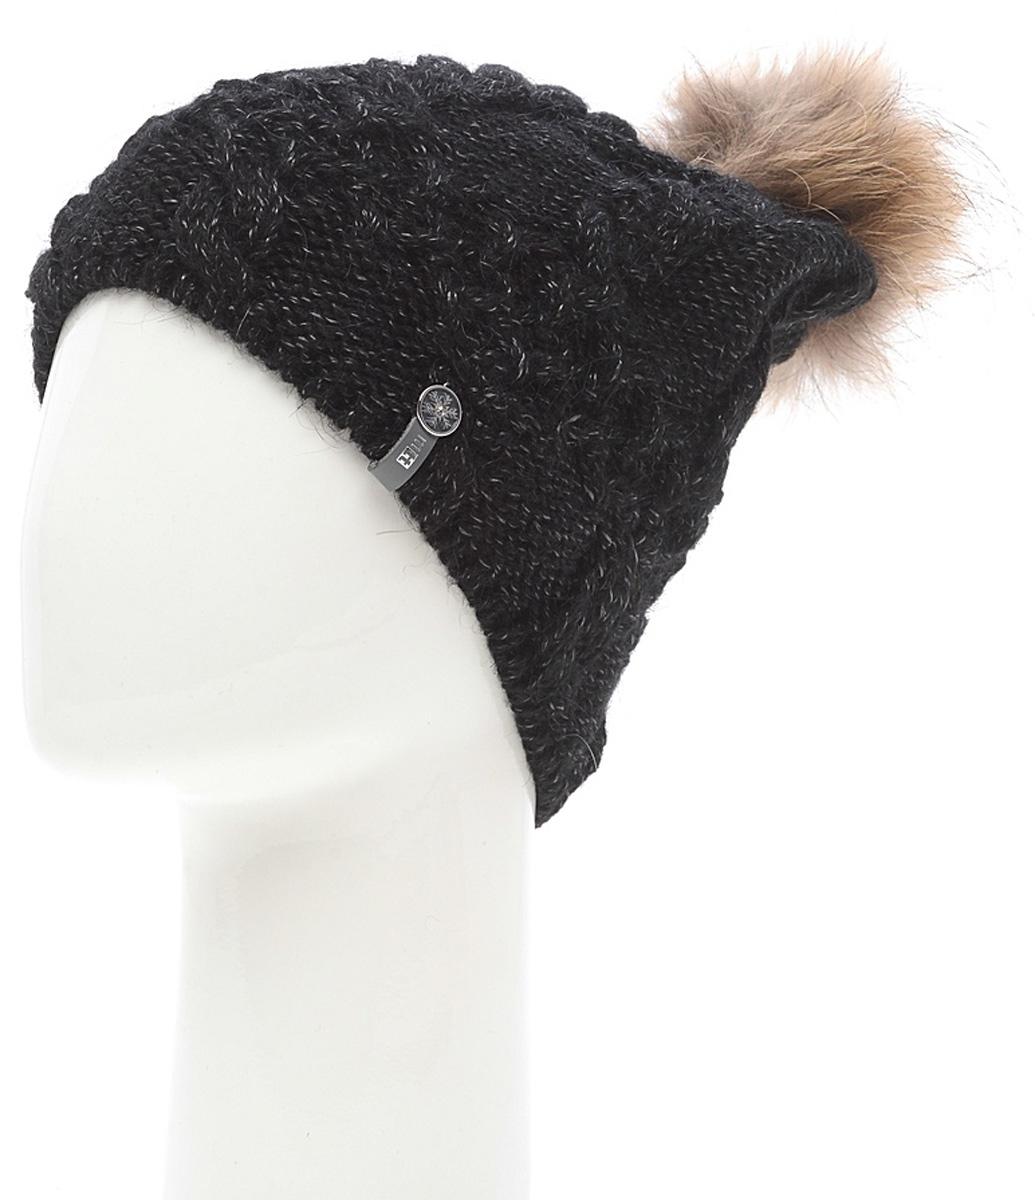 Шапка женская Marhatter, цвет: черный. MWH6759/2. Размер 56/58MWH6759/2Стильная шапка с помпоном добавит уникальность вашему образу. Данная модель мягкая и комфортная на ощупь. Модель на полном флисе.